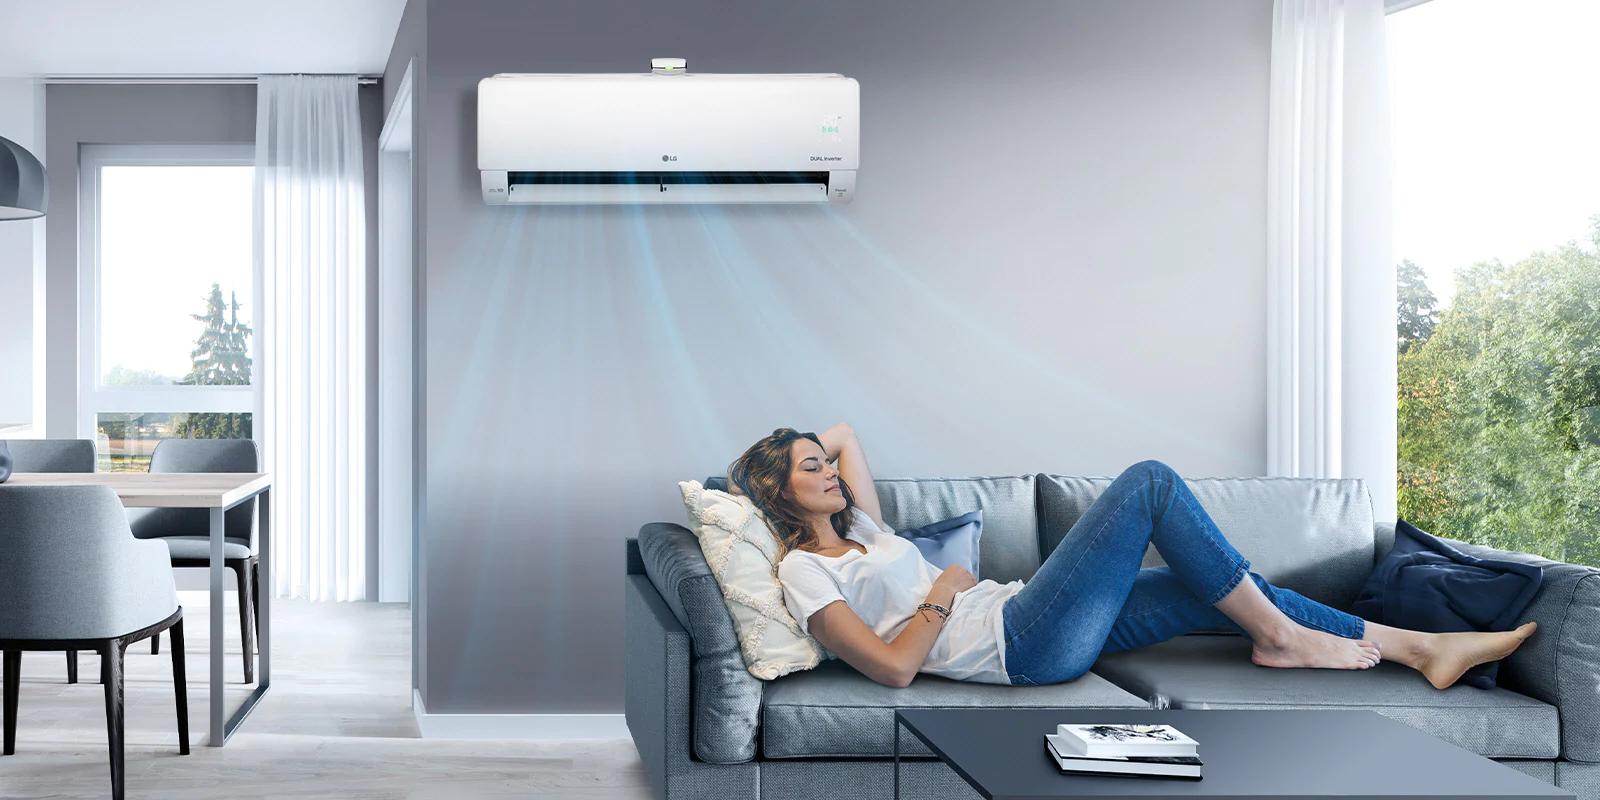 Máy lạnh LG UV Nano có khả năng ức chế virus SARS-CoV-2